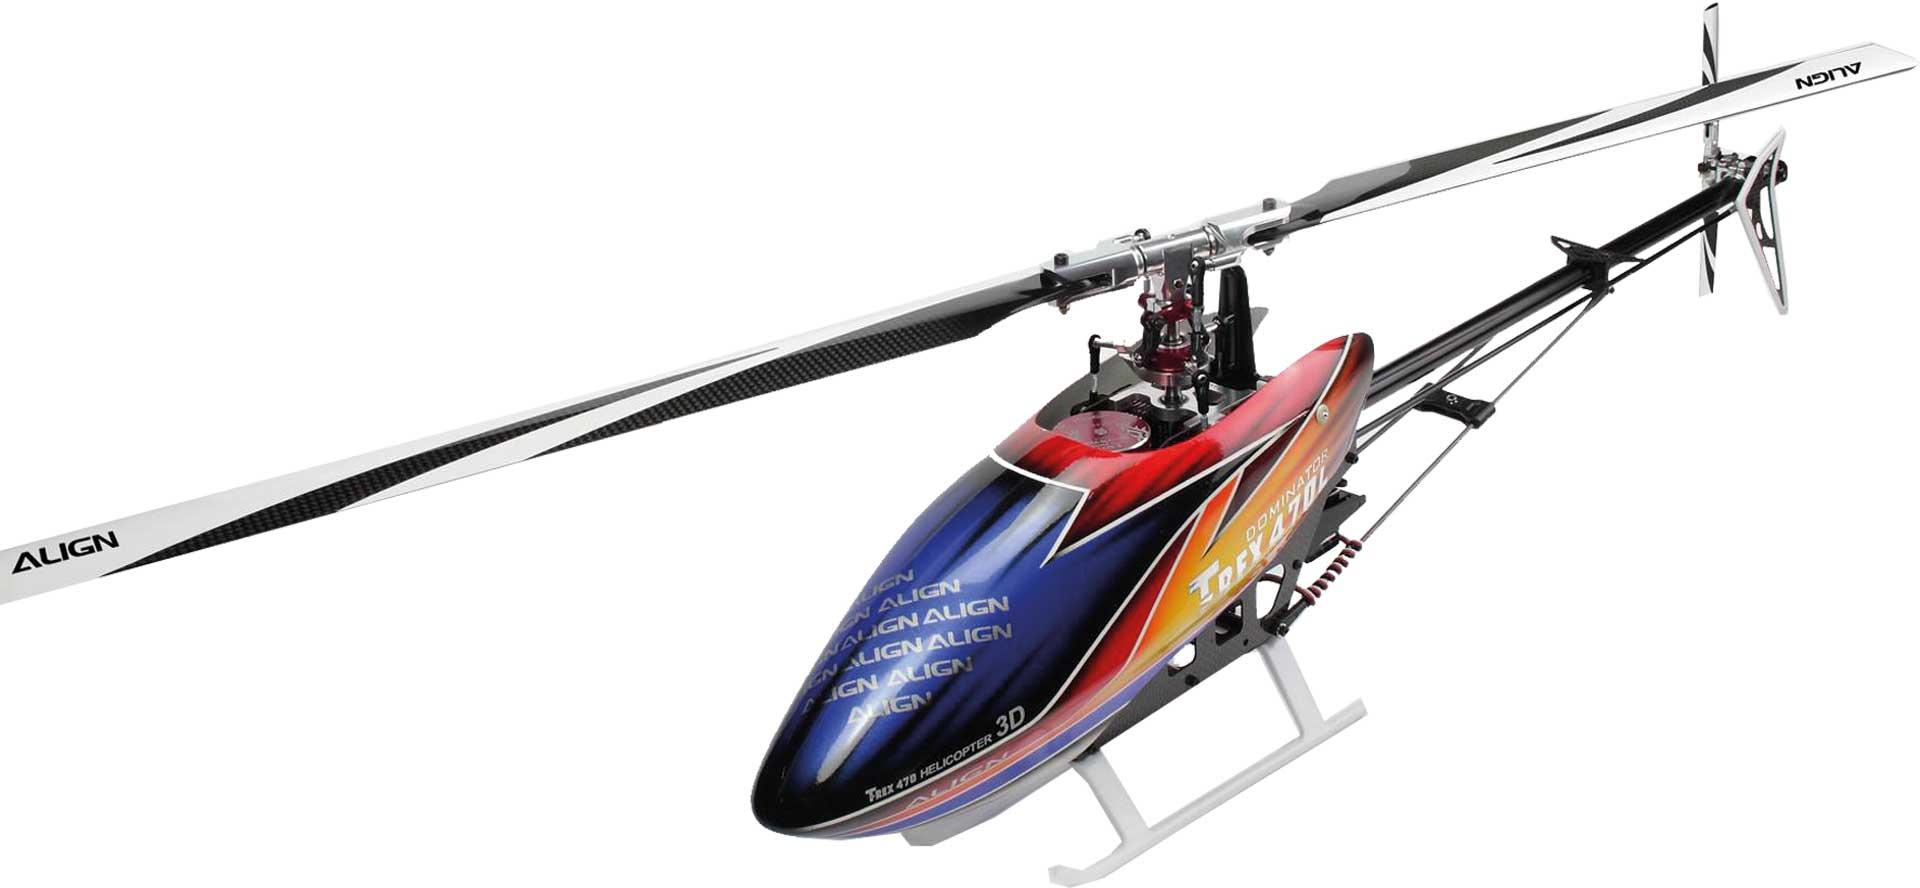 ALIGN T-REX 470LP DOMINATOR COMBO Hubschrauber / Helikopter